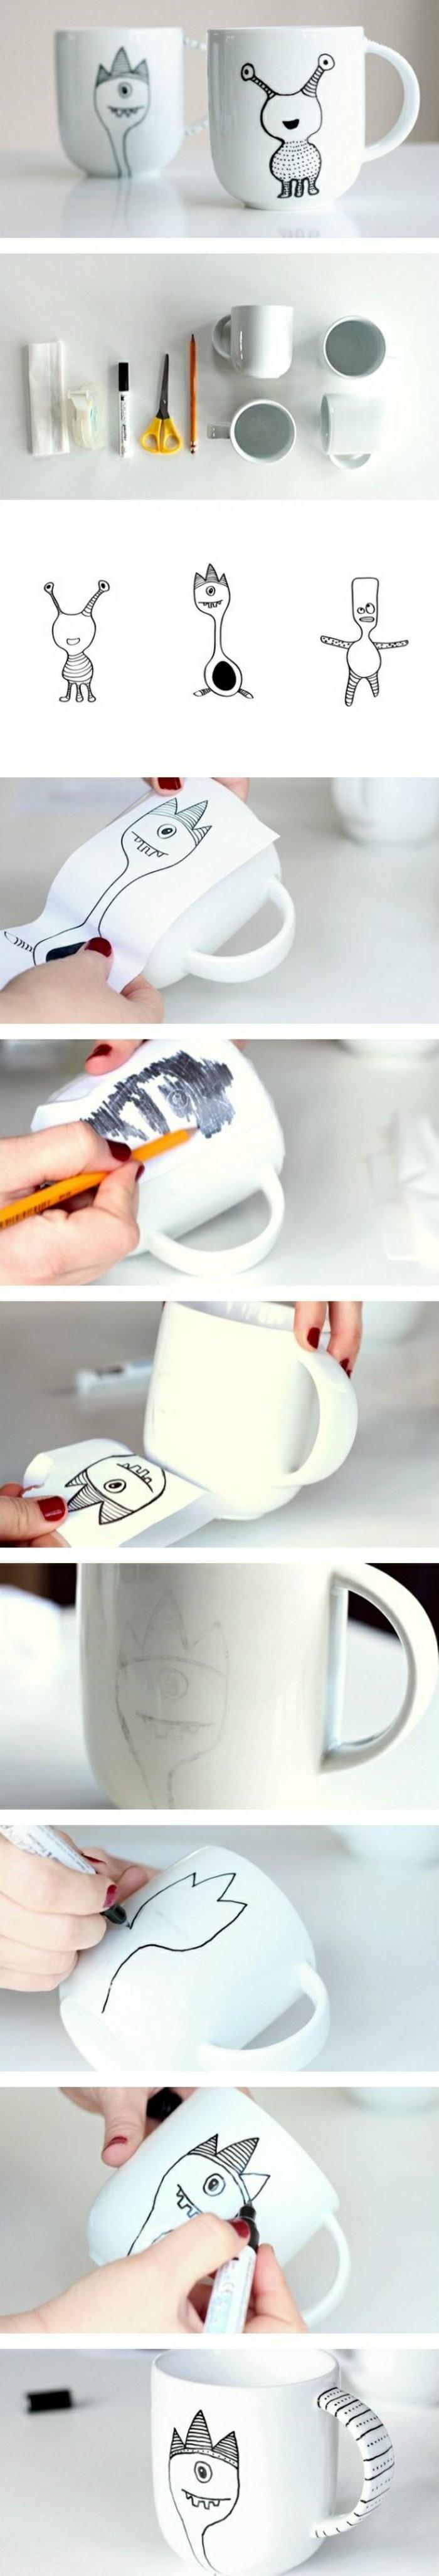 Espressotassen-mit-lustigen-handgemachten-Zeichnungen